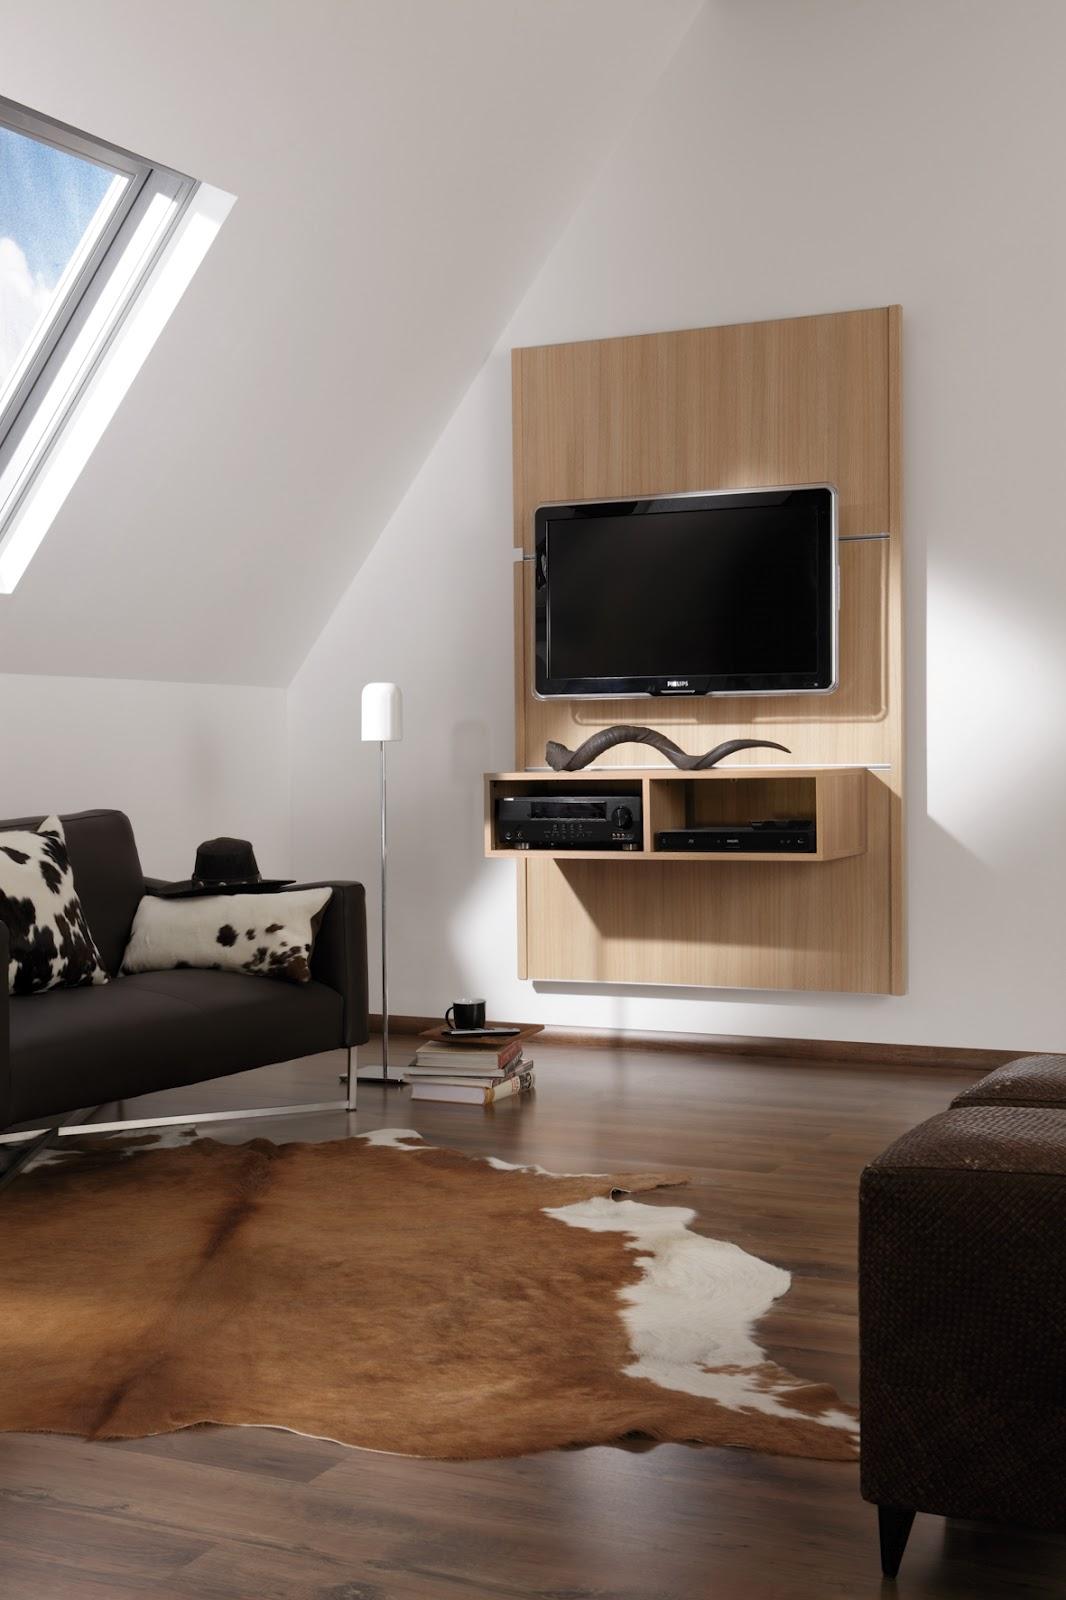 tv wandbefestigung kabel verstecken interessante ideen f r die gestaltung eines. Black Bedroom Furniture Sets. Home Design Ideas